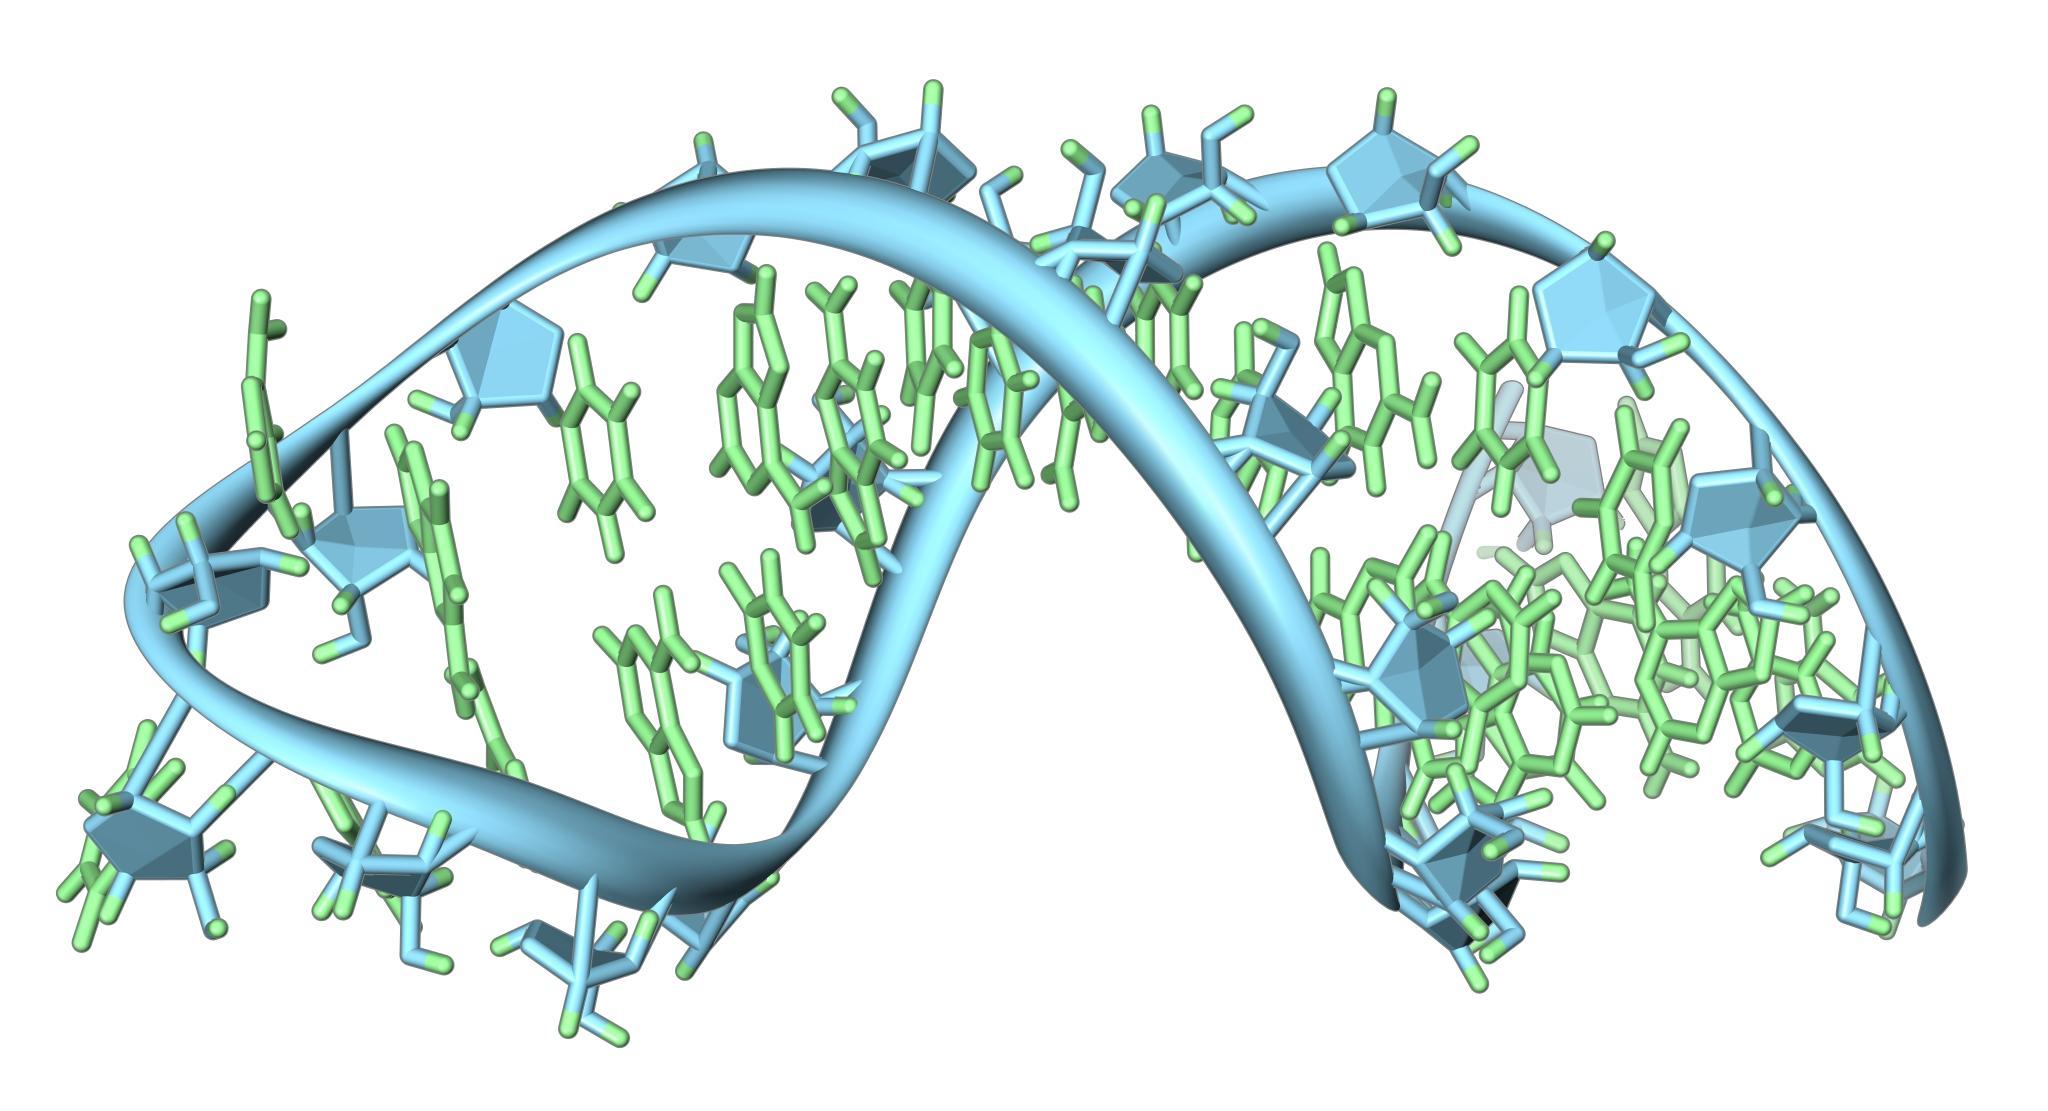 Биологи нашли принципиально новый механизм клеточной борьбы с вирусами